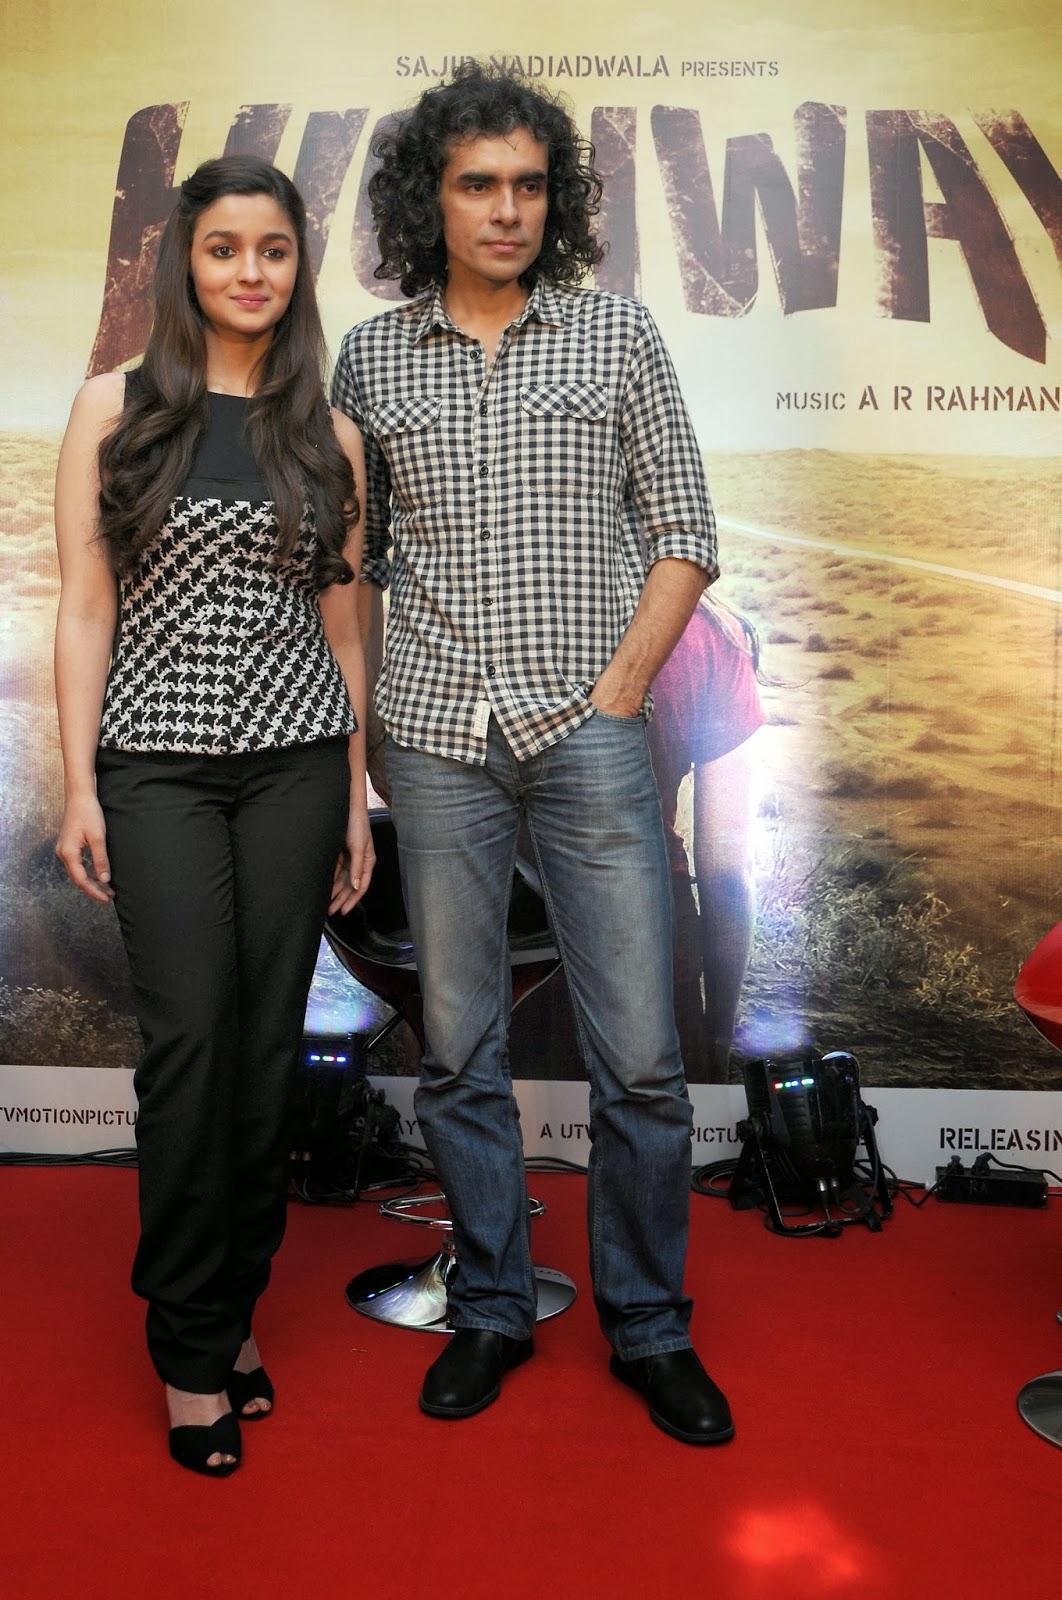 http://1.bp.blogspot.com/-yLP2wEEAzYo/UwN94mayOfI/AAAAAAAAlSU/2irNLvKAJFA/s1600/Alia+Bhatt+and+Imtiaz+Ali+promote+their+upcoming+film+Highway+at+Bangalore+(3).jpg